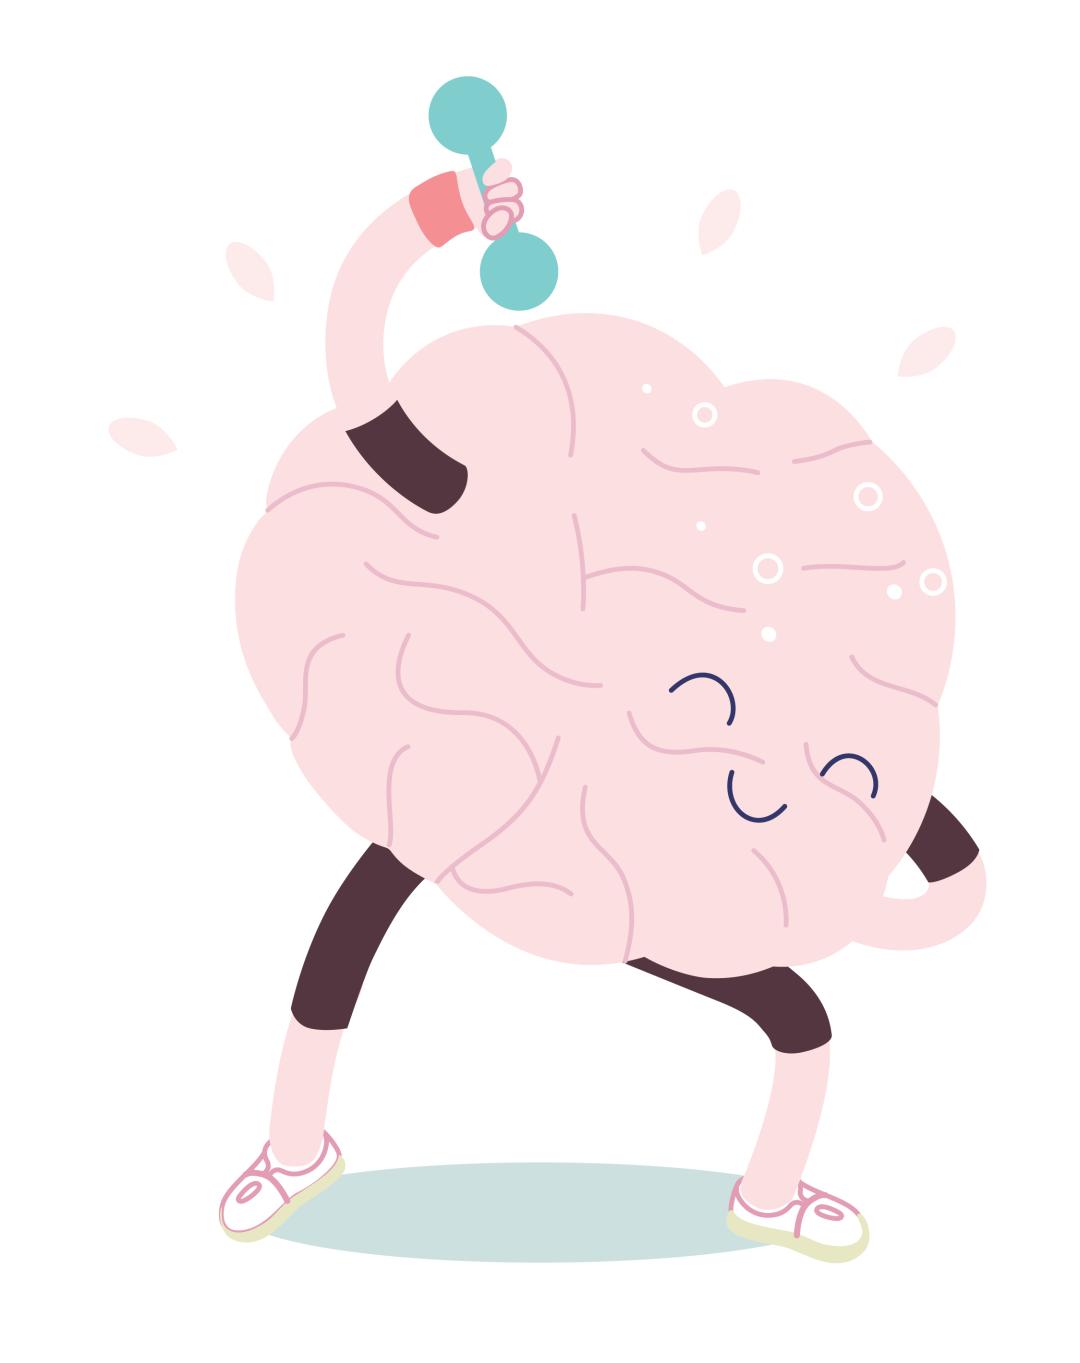 brainexercise_3